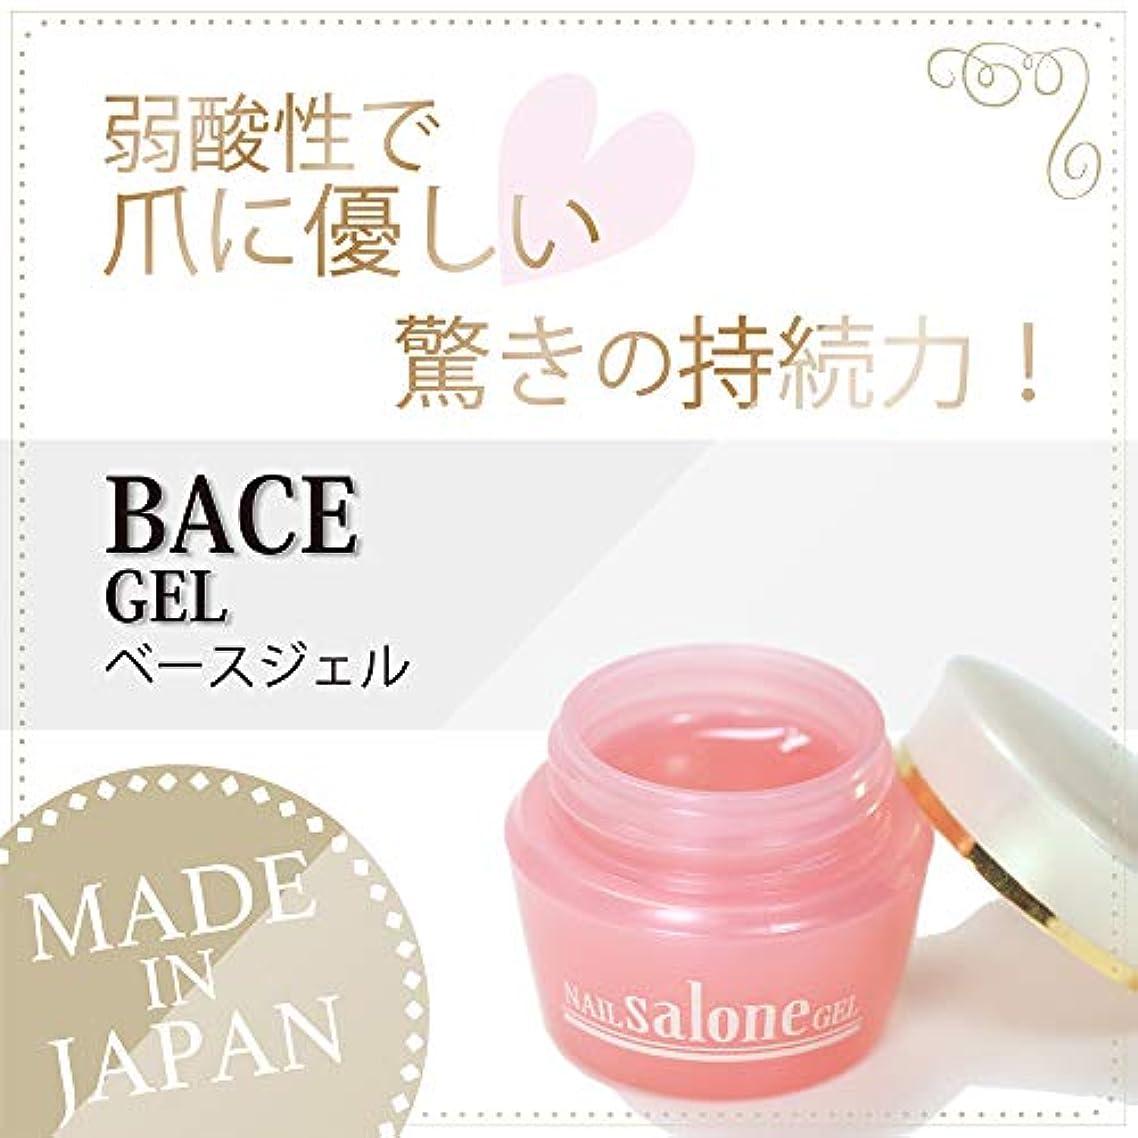 クルー司教突撃Salone gel サローネ ベースジェル 爪に優しい 日本製 驚きの密着力 リムーバーでオフも簡単3g